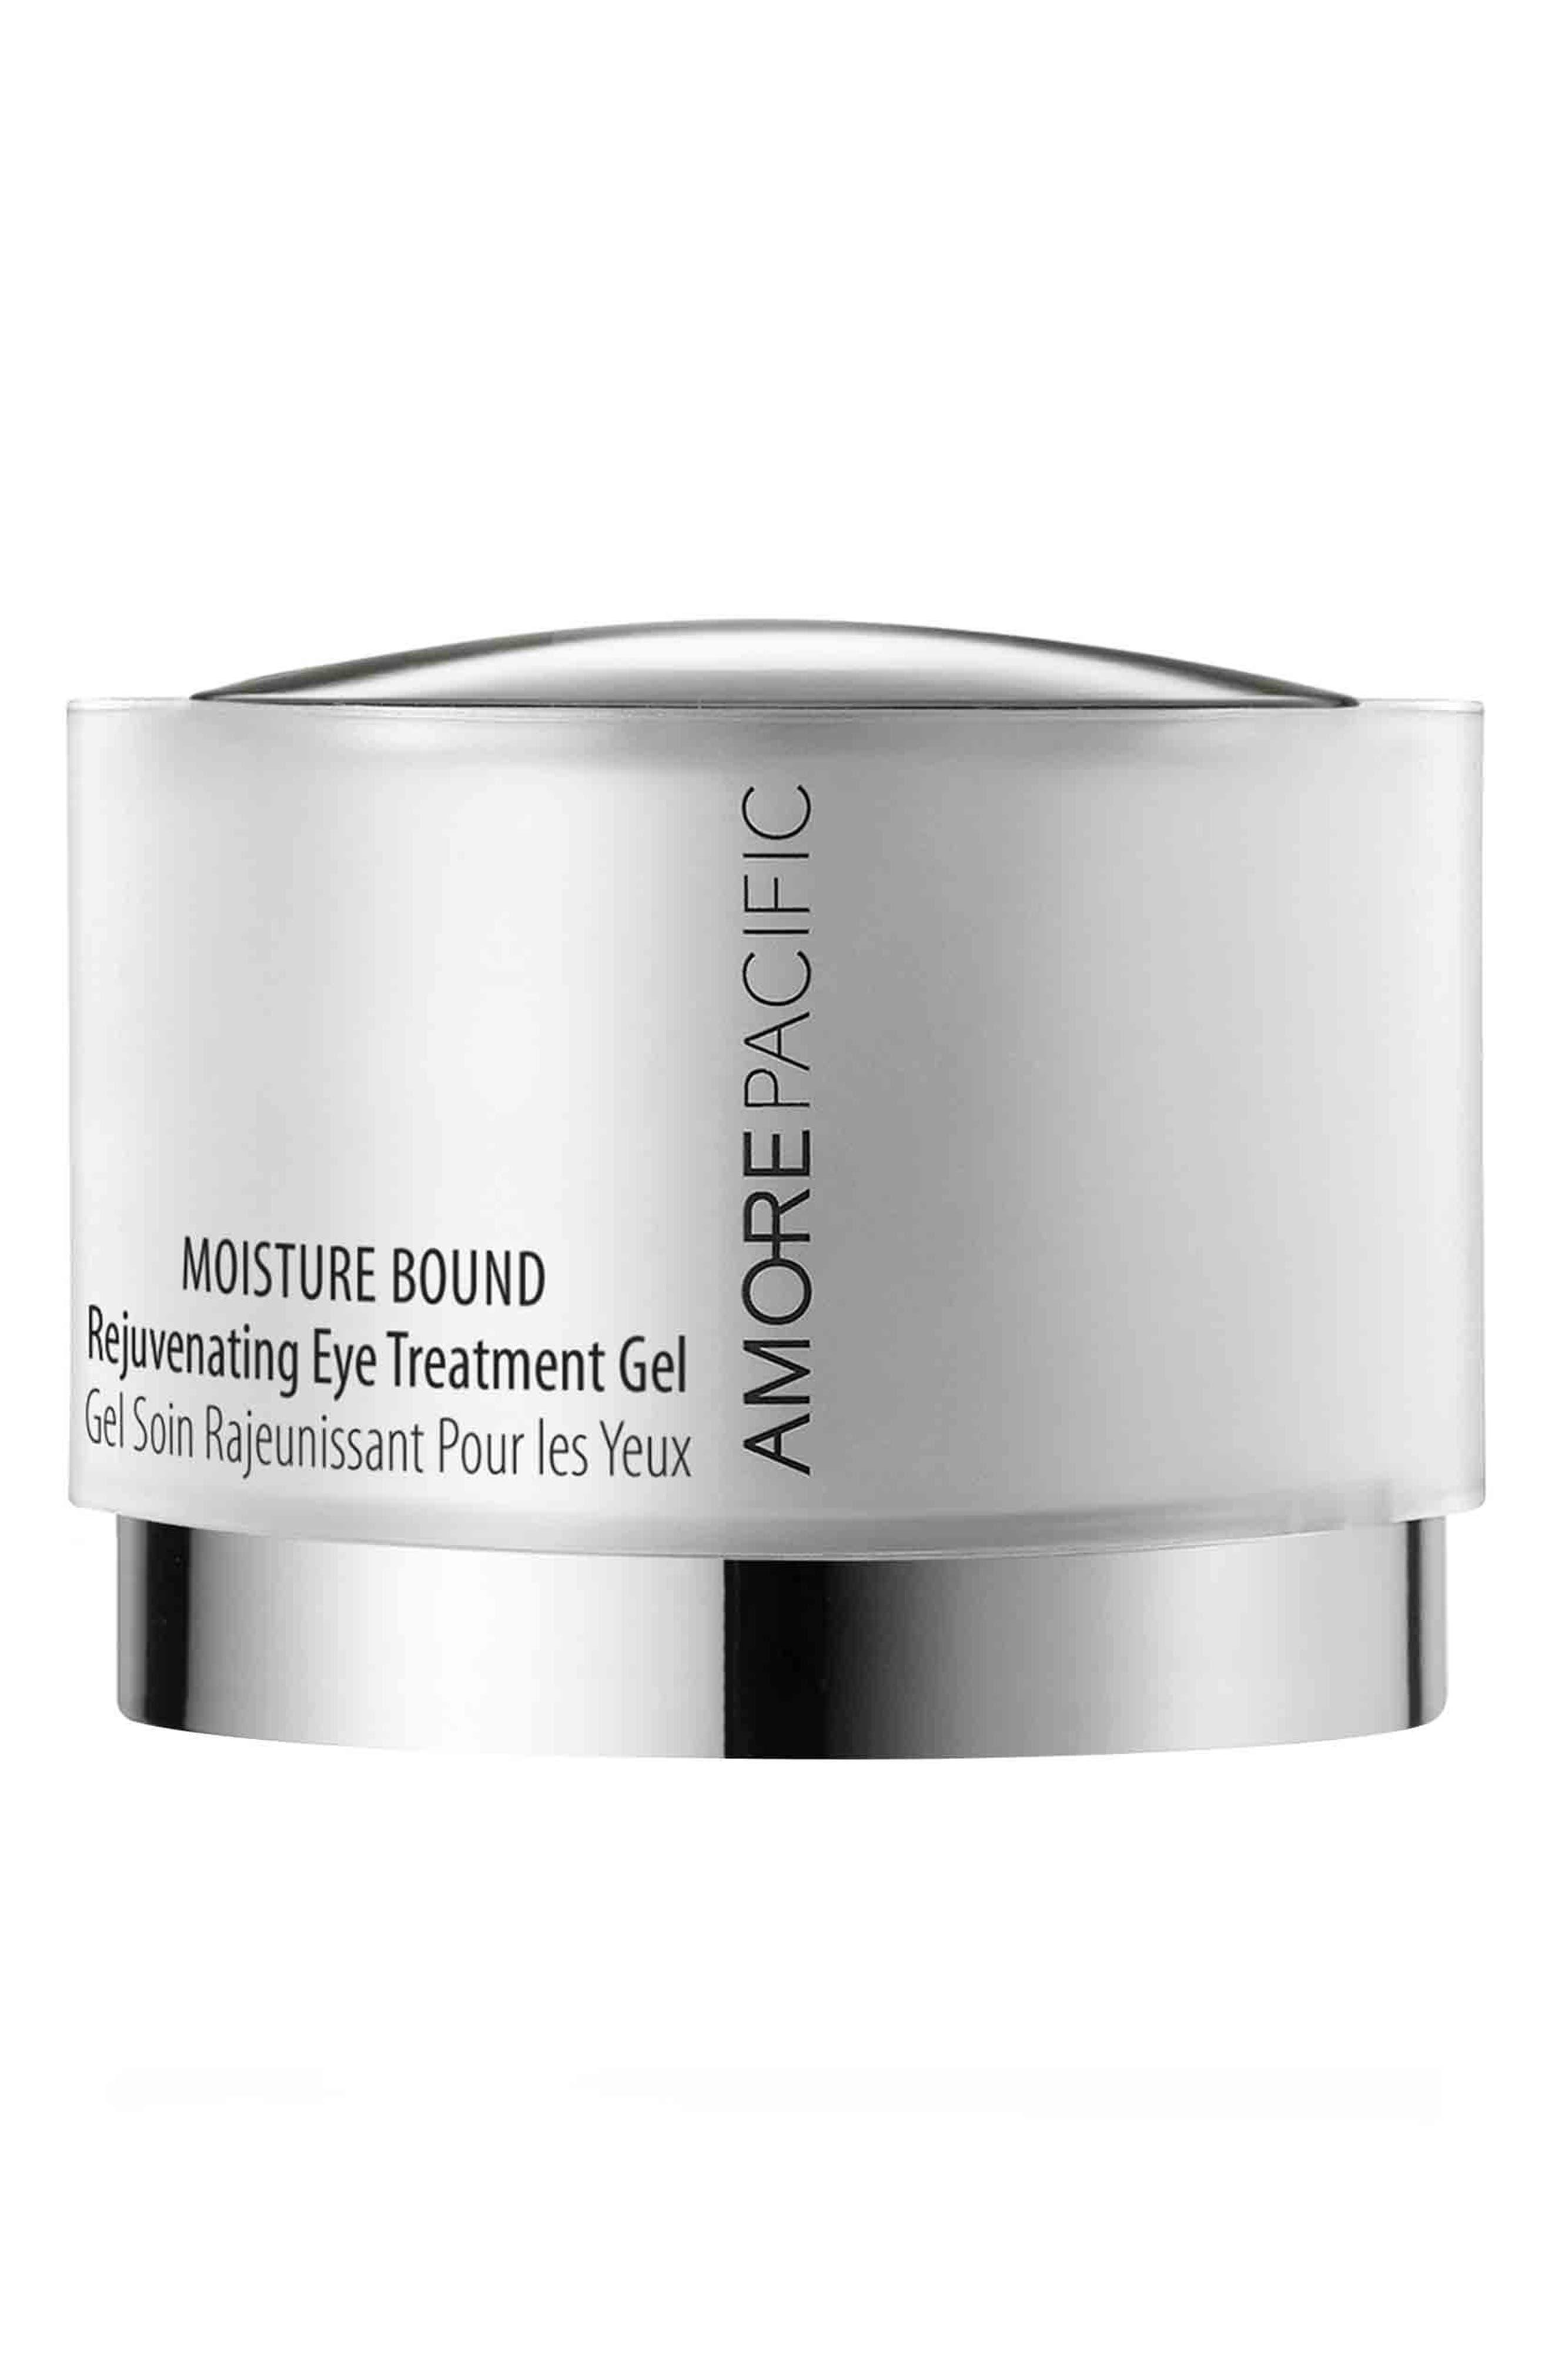 'Moisture Bound' Rejuvenating Gel Eye Treatment,                             Main thumbnail 1, color,                             NO COLOR